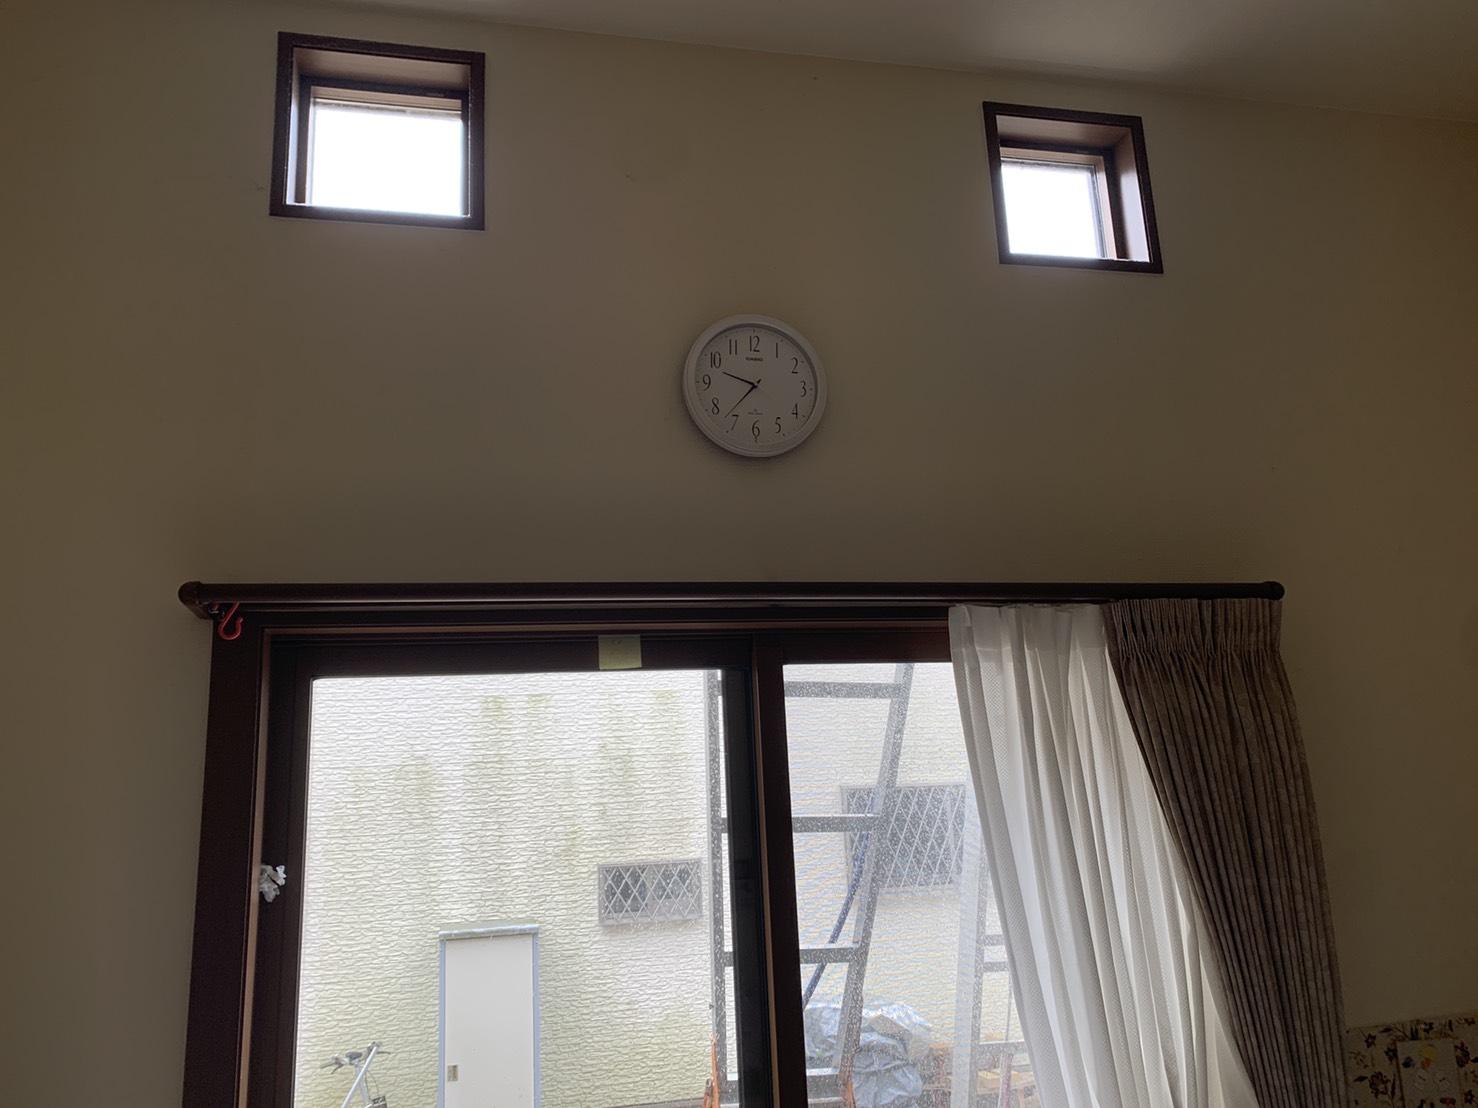 加古郡播磨町で掃き出し窓から雨漏りしている室内の様子